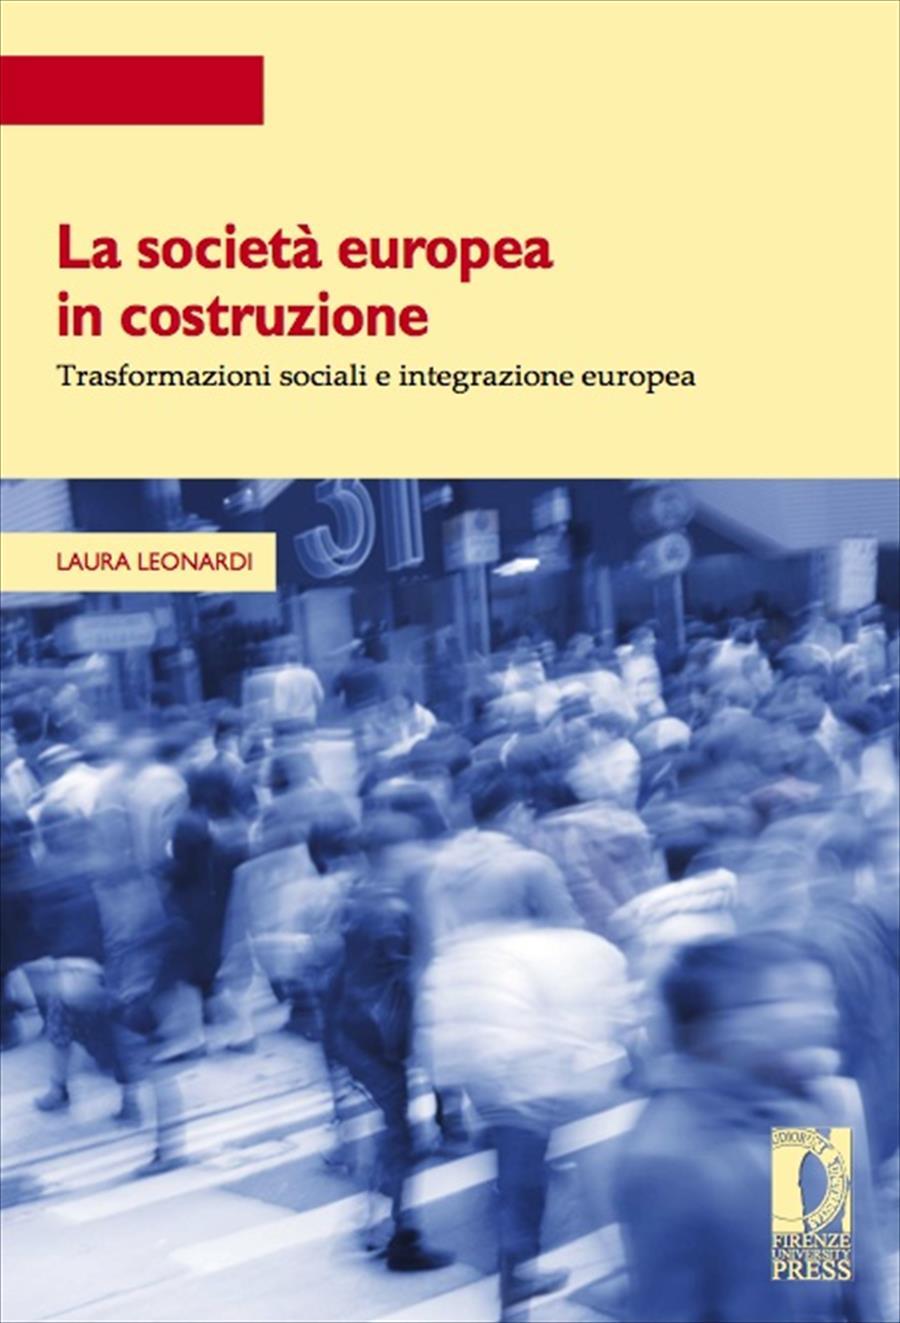 La società europea in costruzione